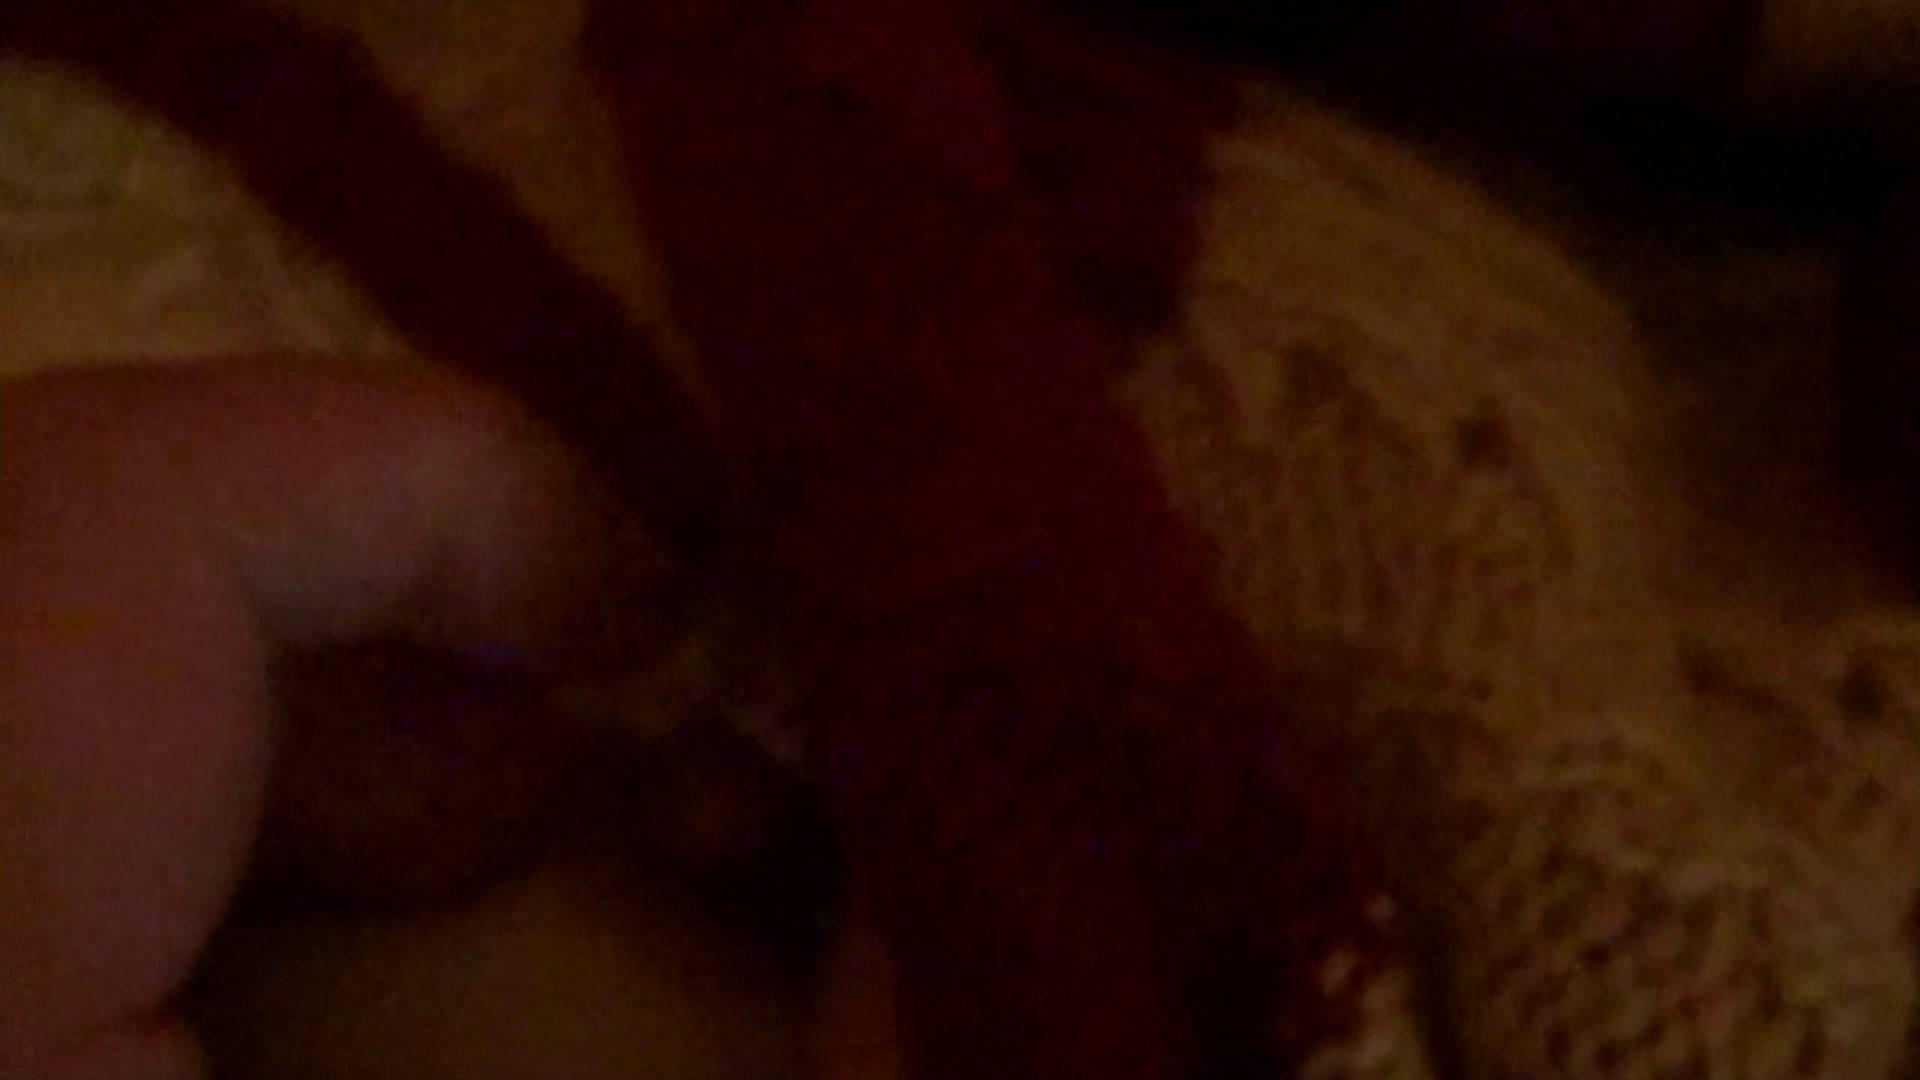 魔術師の お・も・て・な・し vol.29 女子大生のもてなし方 イタズラ  95連発 77